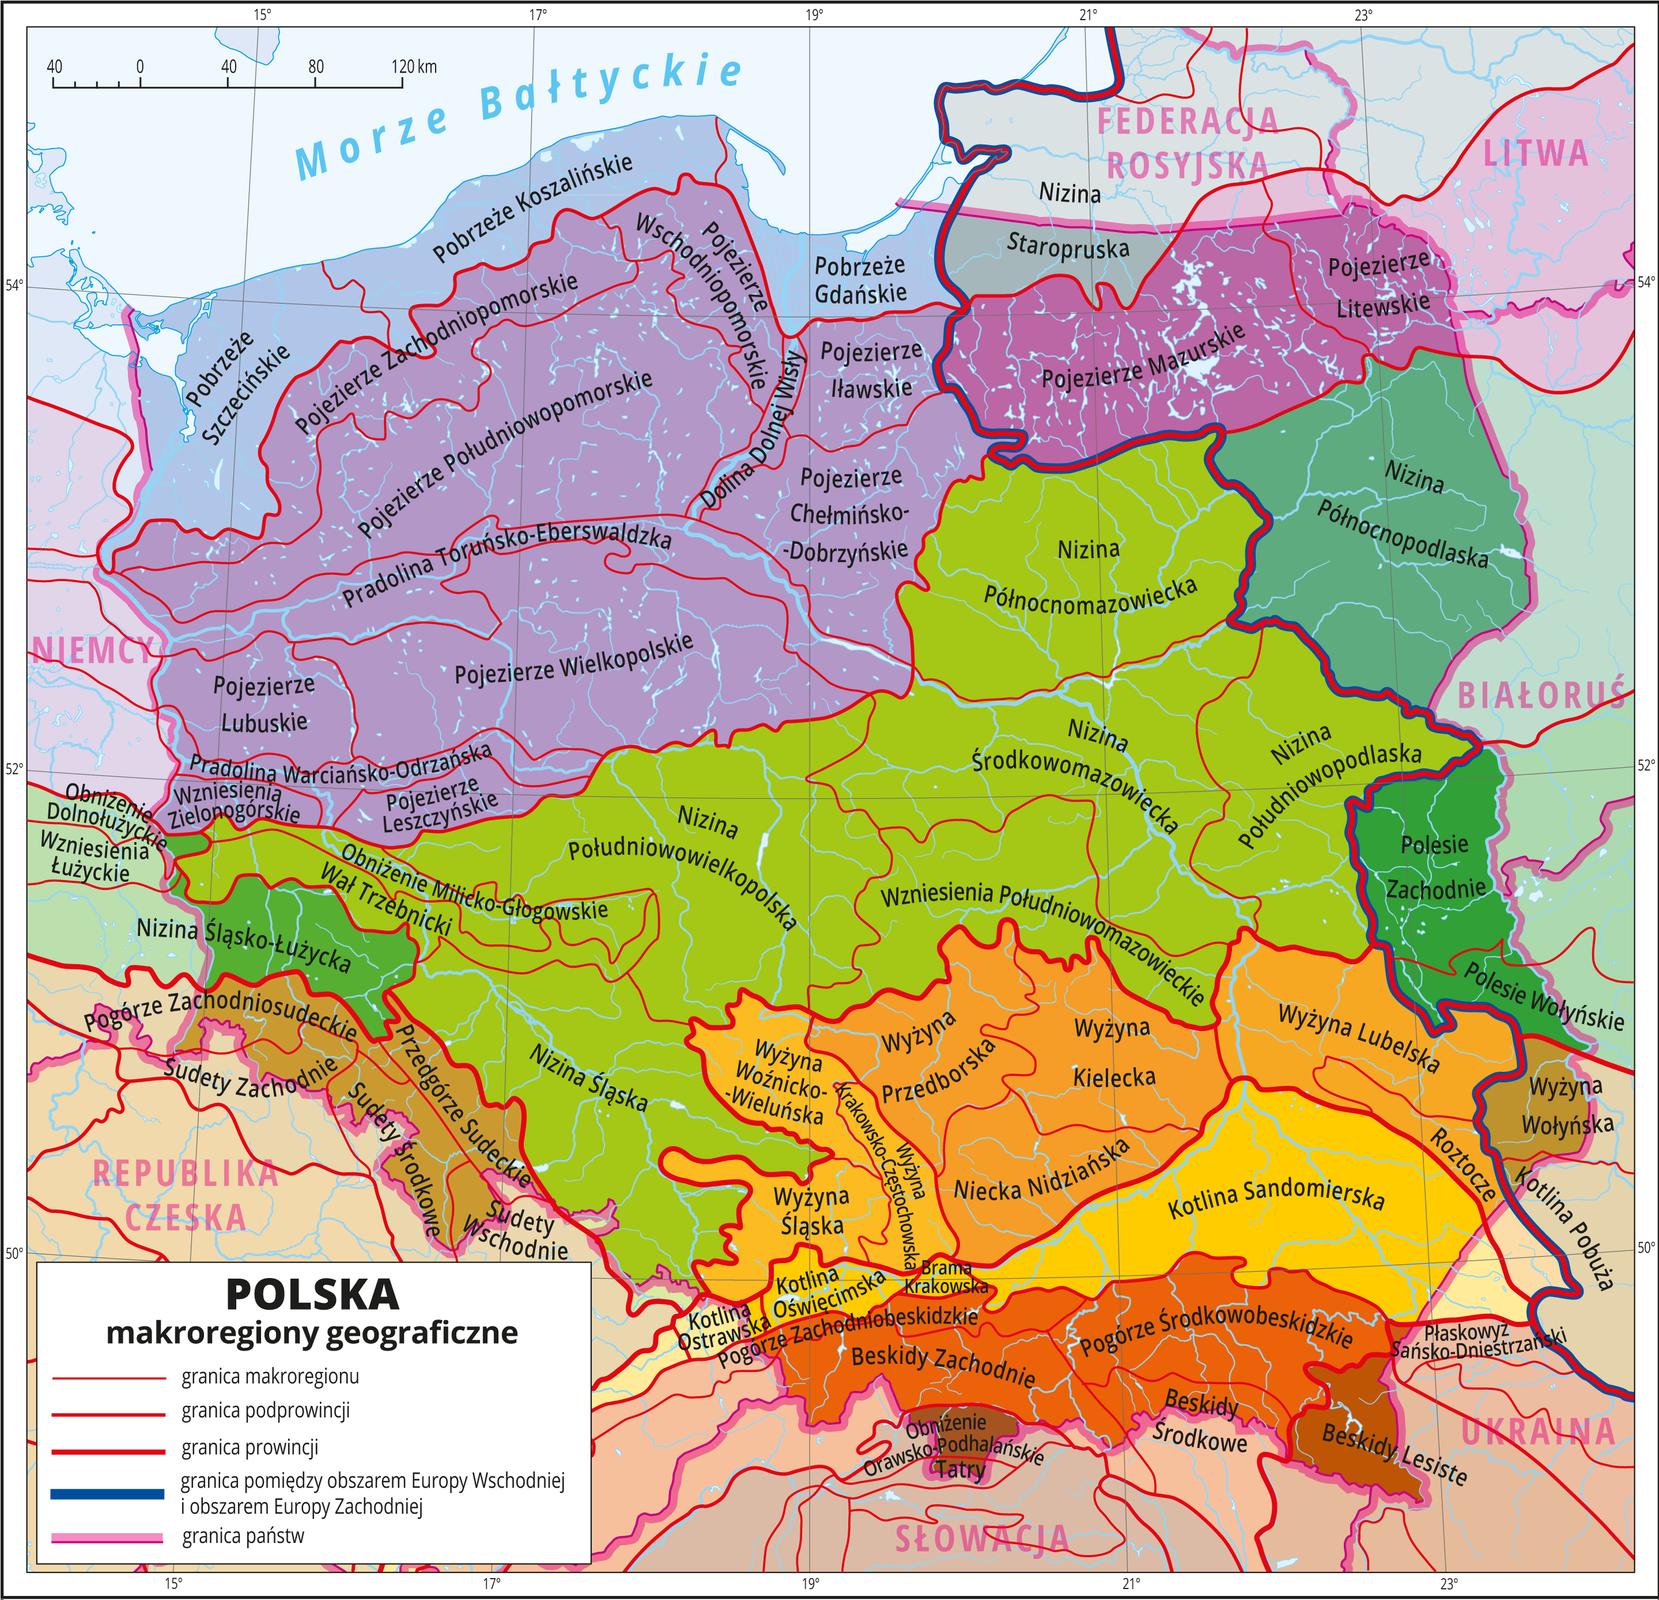 Ilustracja przedstawia mapę Polski zwydzielonymi różnymi kolorami podprowincjami, awewnątrz nich pooddzielane cienkimi czerwonymi liniami są makroreginy. Wydzielone są następujące podprowincje – kolorem niebieskim wydzielone są Pobrzeża Południowobałtyckie, szaroniebieskim Pobrzeża Wschodniobałtyckie, fioletowym Pojezierza Połuniowobałtyckie, fioletowym ciemniejszym Pojezierza Wschodniobałtyckie, ciemnozielonym Niziny Sasko-Łużyckie, jasnozielonym Niziny Środkowopolskie, zielononiebieskim Wysoczyzny Podlasko-Białoruskie, innym odcieniem ciemnozielonym Polesie, jasnobrązowym Sudety iPogórze Sudeckie, jasnopomarańczowym Wyżyna Śląsko-Krakowska, pomarańczowym Wyżyna Małopolska, innym odcieniem pomarańczowego Wyżyna Lubelsko-Lwowska, brązowym Wyżyna Wołyńsko-Podlaska, żółtopomarańczowym Północne Podkarpacie, czerwonobrązowym Zewnętrzne Karpaty Zachodnie, intensywnym czerwonobrązowym Centralne Karpaty Zachodnie, oraz innym odcieniem tego koloru Beskidy Wschodnie.Czerwonymi liniami średniej grubości zaznaczono granice między podprowincjami geograficznymi wramach wydzielonych wcześniej prowincji.Cienkimi czerwonymi liniami zaznaczono granice makroregionów wobrębie podprowincji iopisano je. Wkażdej podprowincji wydzielono kilka makroregionów.Przez Polskę przebiega zaznaczona granatową grubszą linią granica pomiędzy obszarem Europy Wschodniej iobszarem Europy Zachodniej.Kolory poza granicami Polski są zamglone, opisane są państwa sąsiadujace zPolską iMorze Bałtyckie.